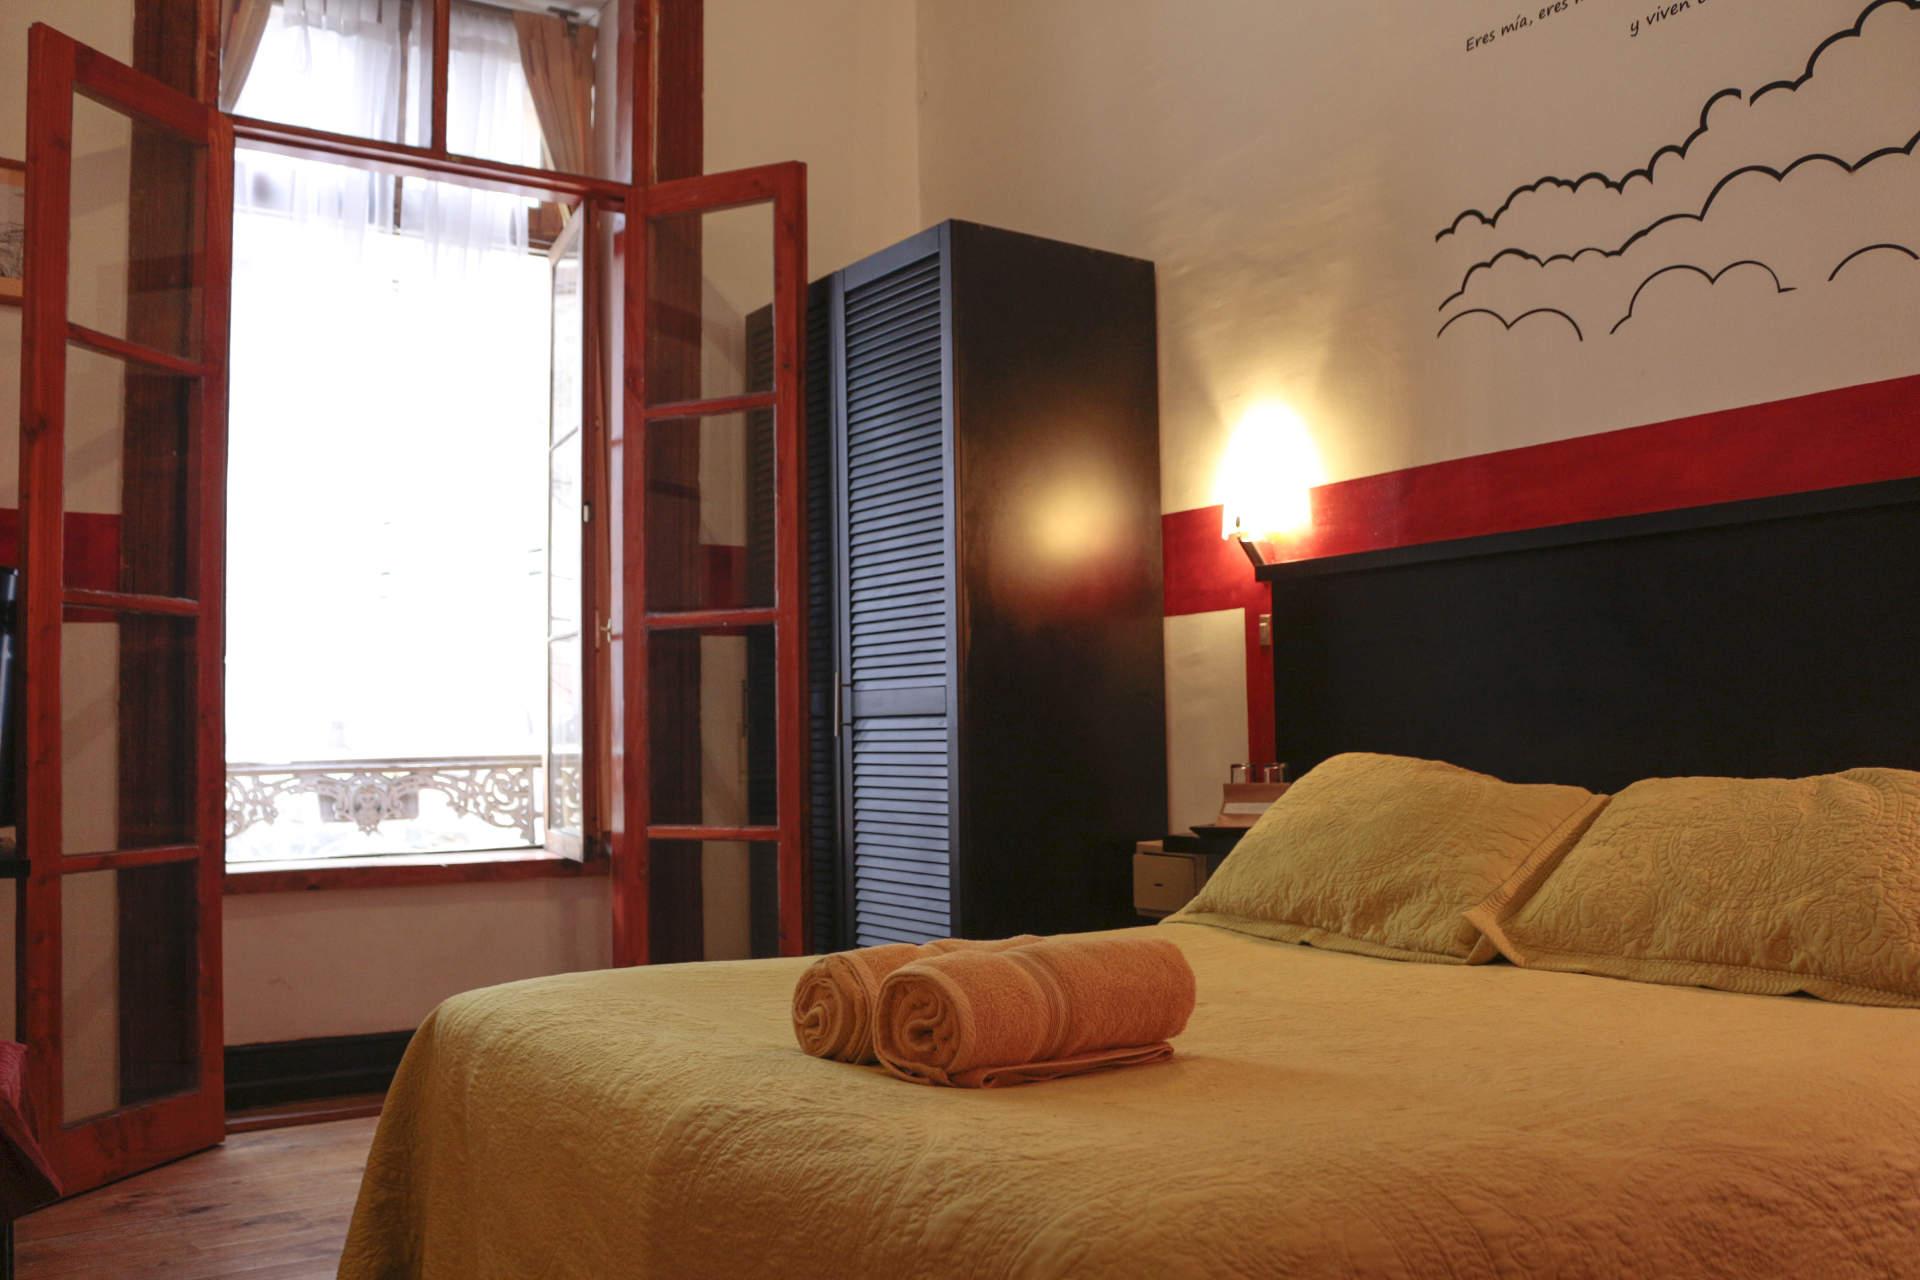 Hotel Da Vinci en Valparaíso : MotelNow